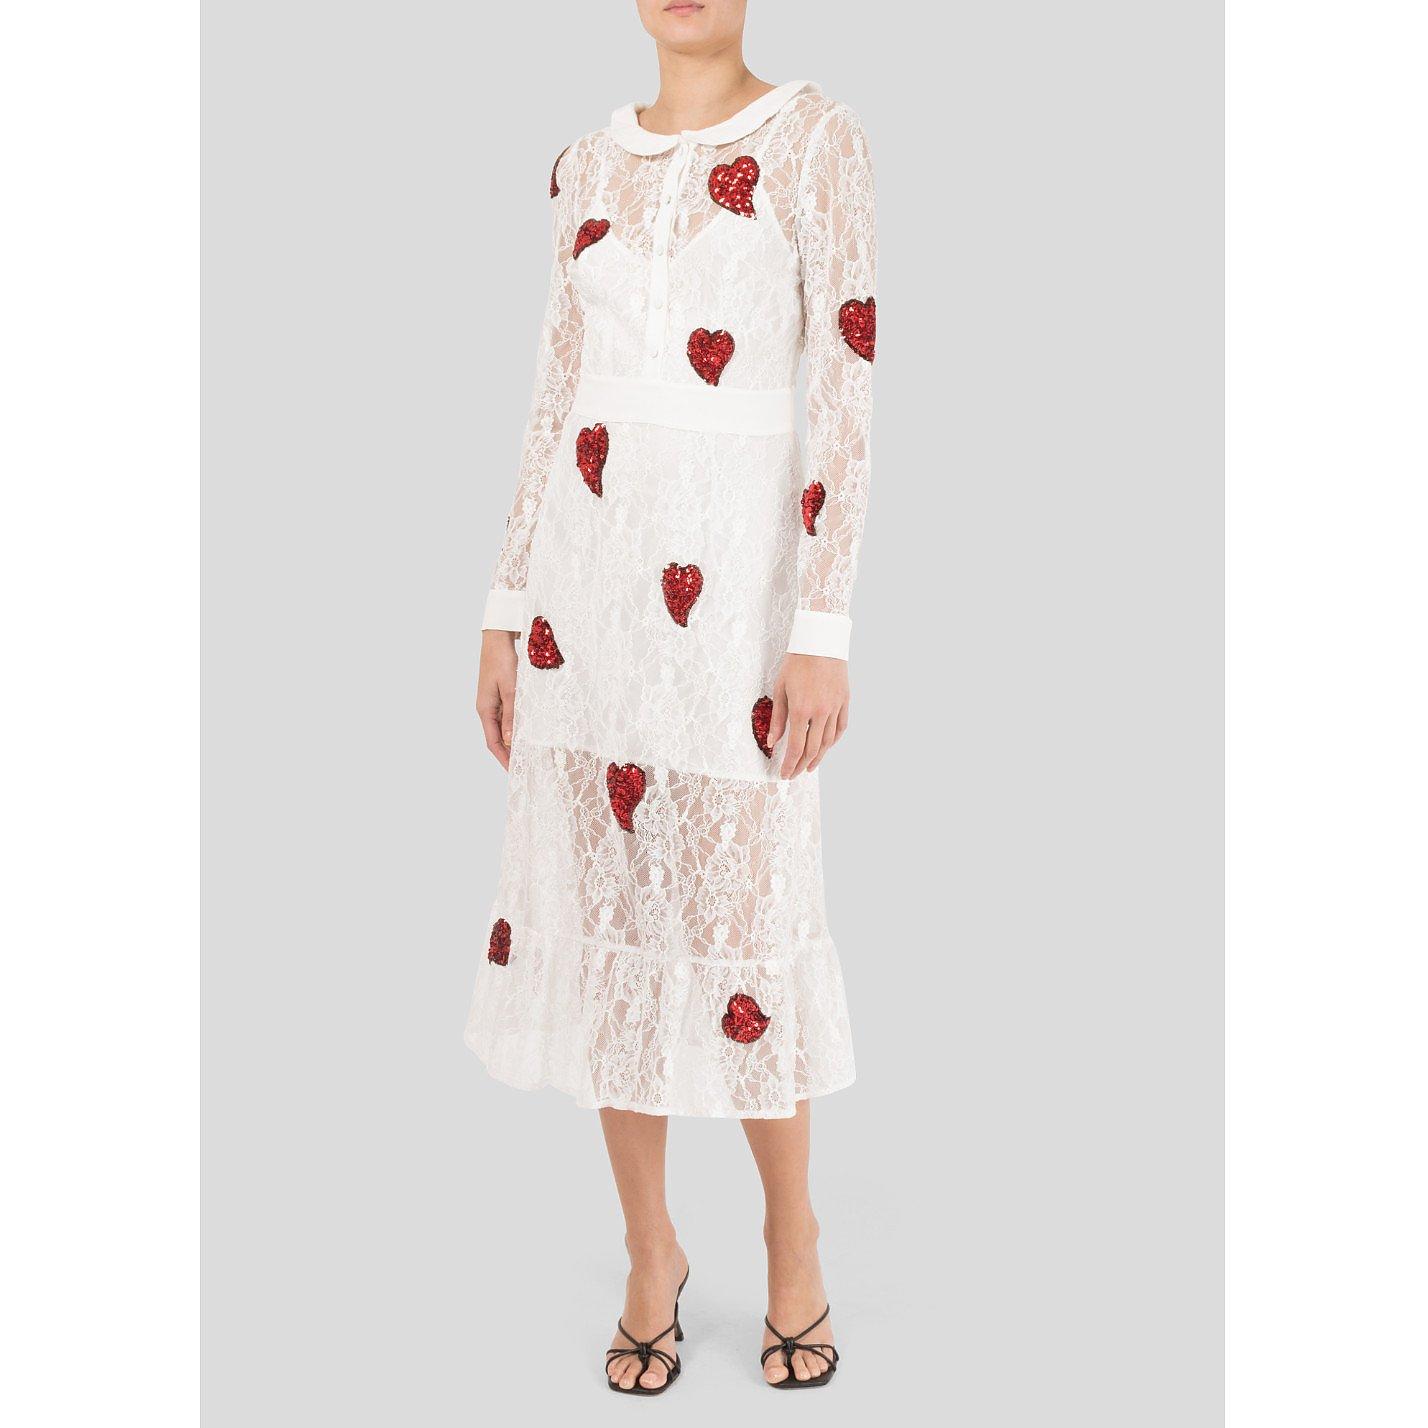 for Love & Lemons Heart Sequin Embellished Lace Dress